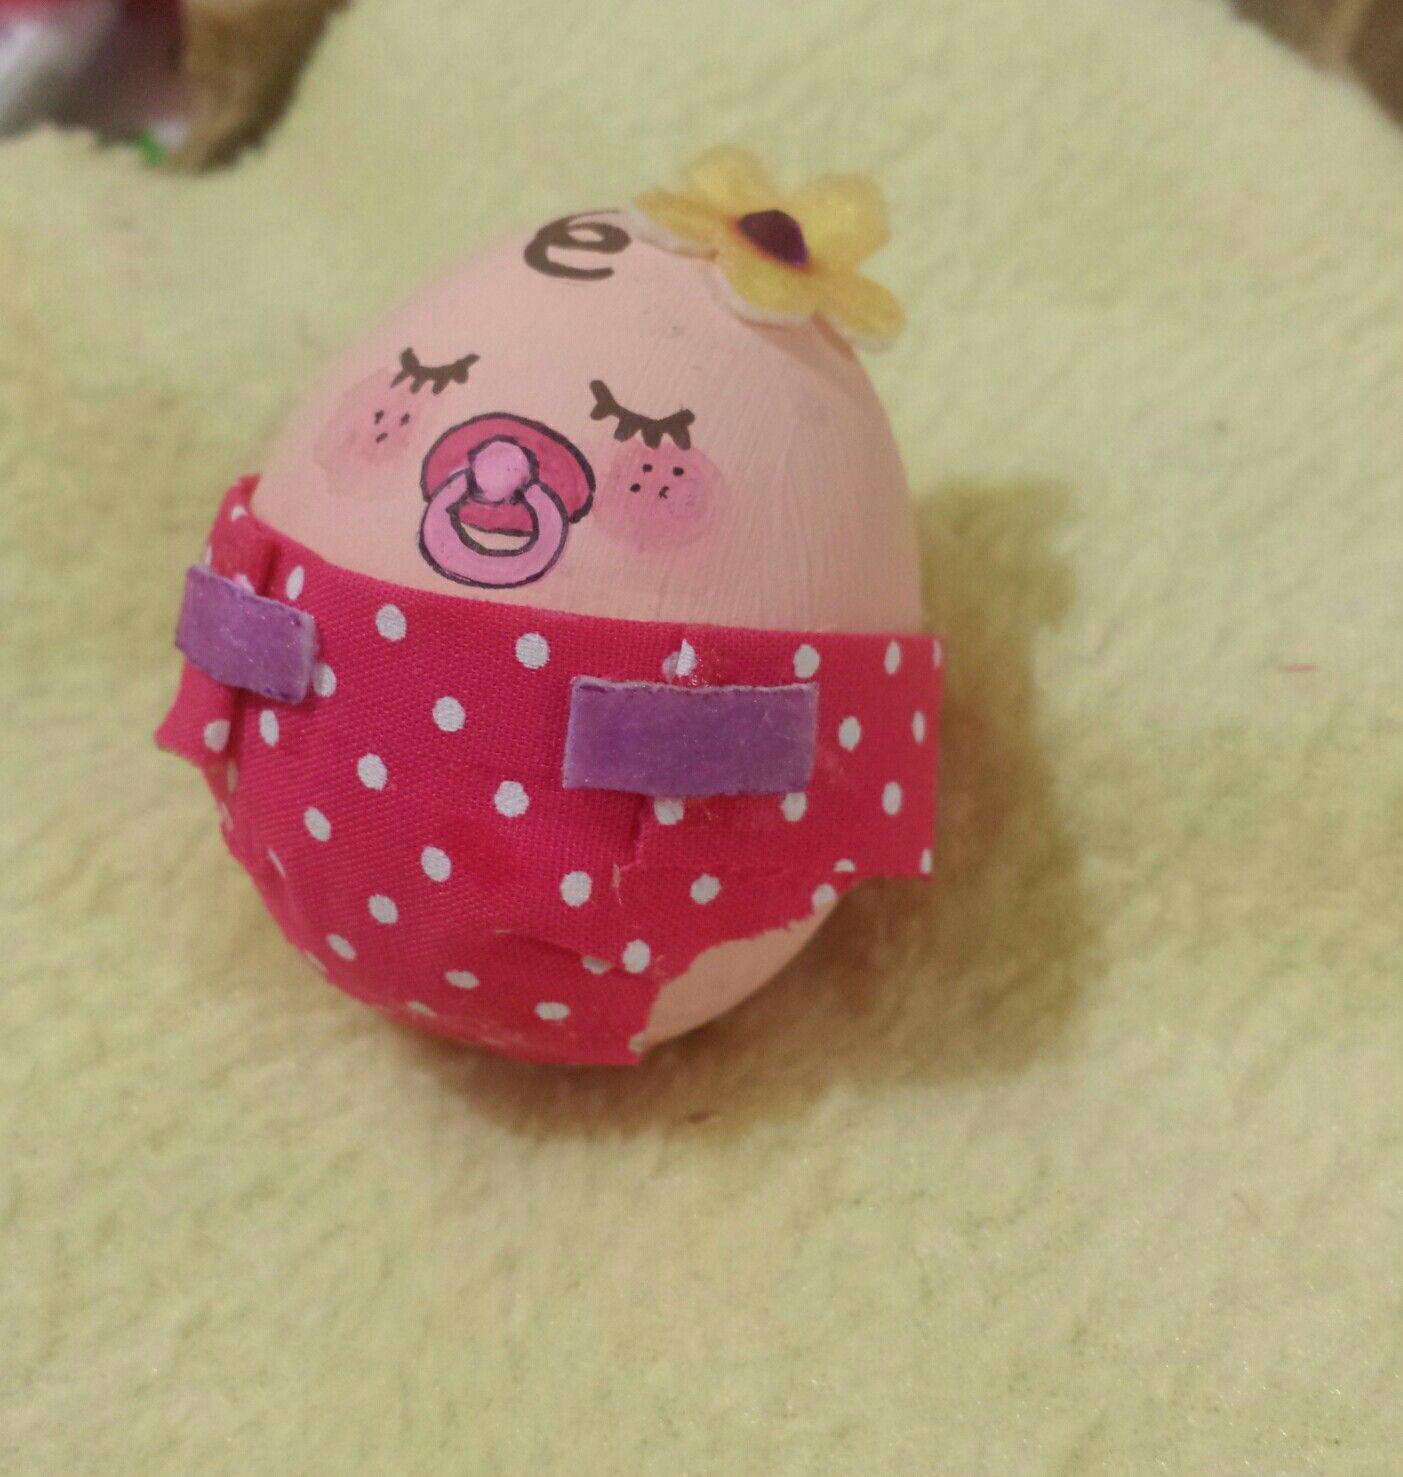 huevo decorado como hermosa bebe | creaciones con huevos ...